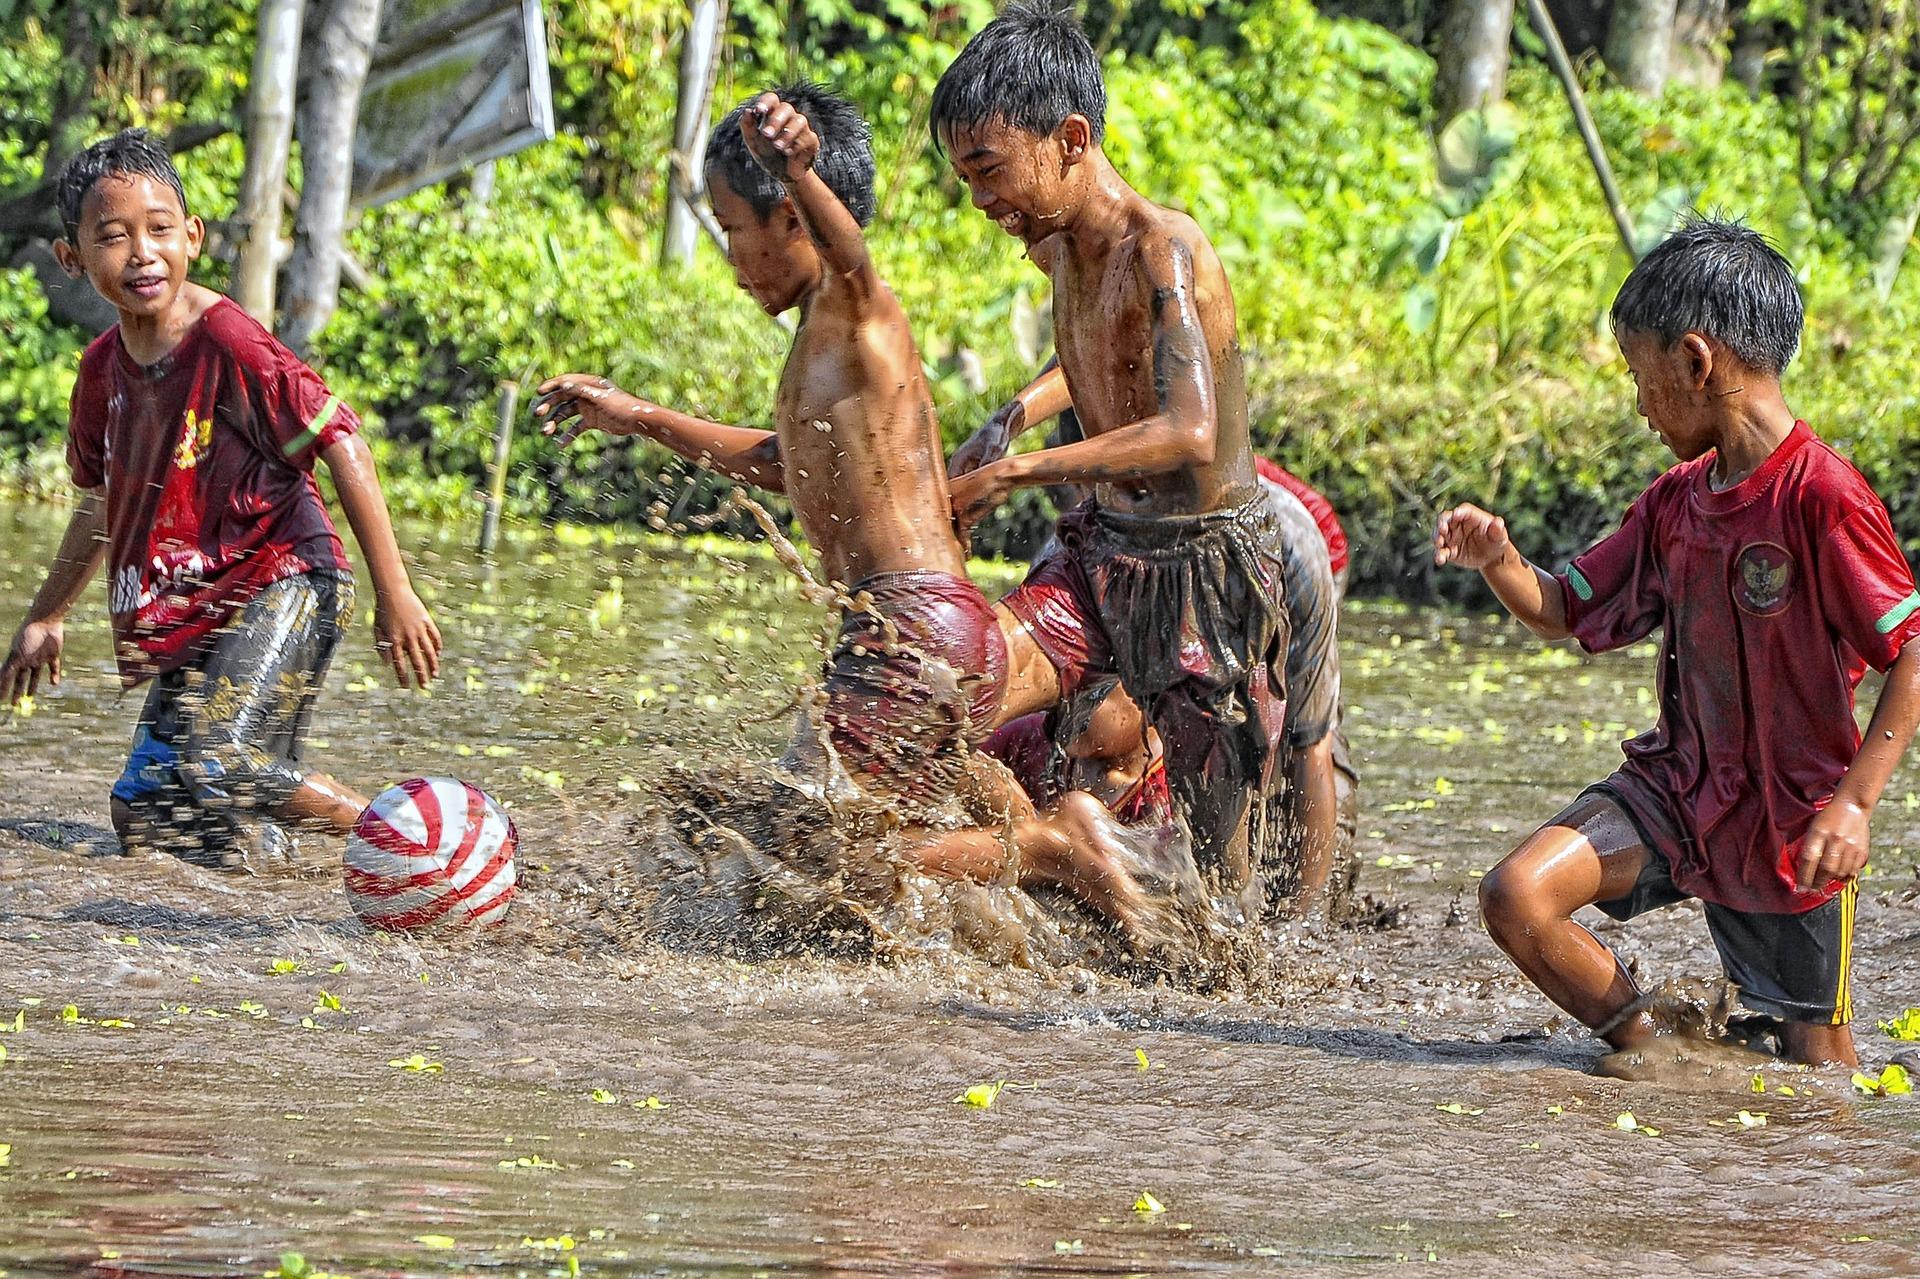 Children playing in Yogyakarta